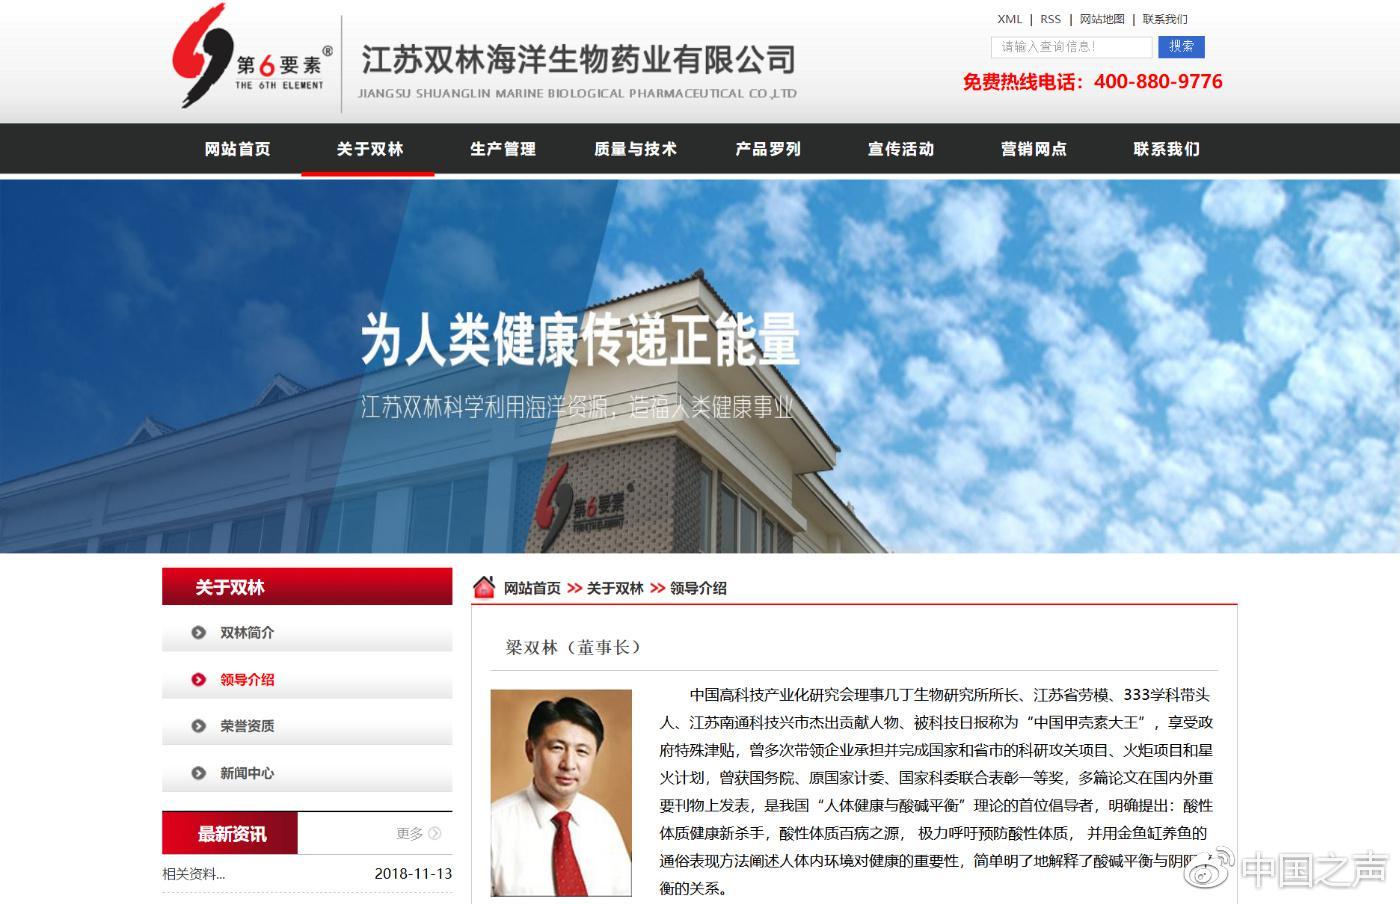 酸碱体质骗局被戳穿 中国提出者:法院非科学的权威